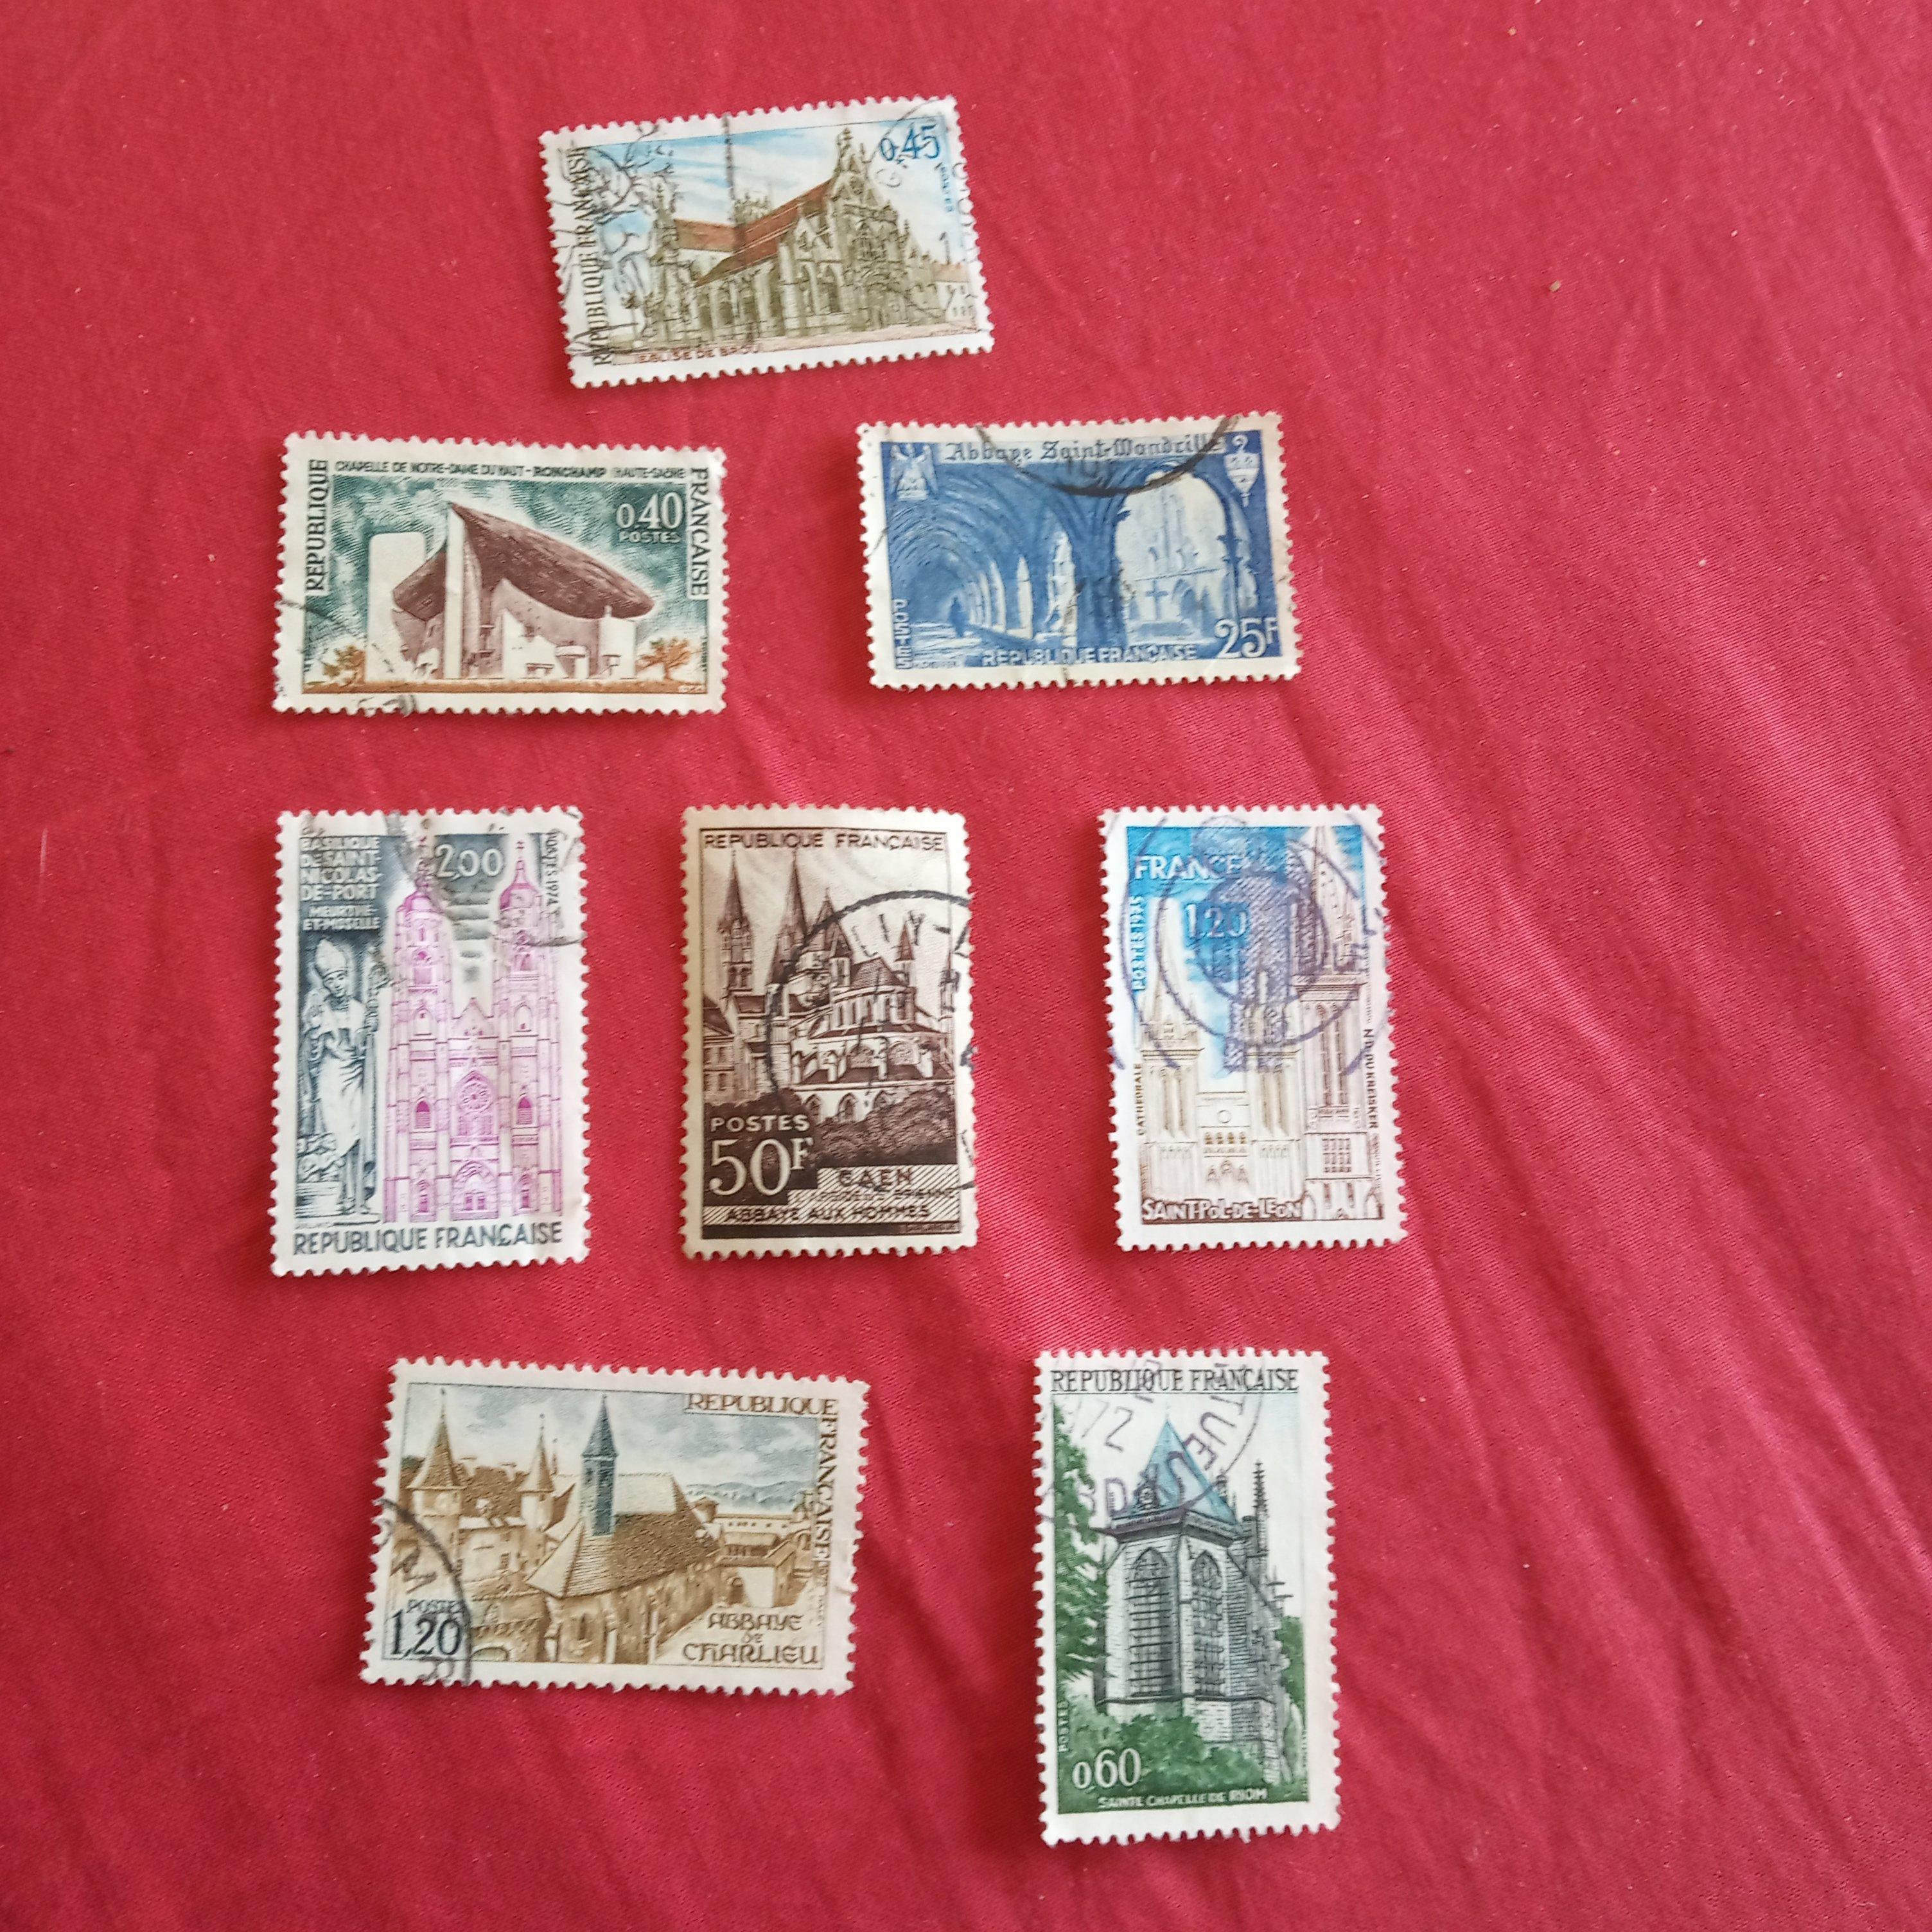 troc de troc lot timbre lieux religieux 3 image 0